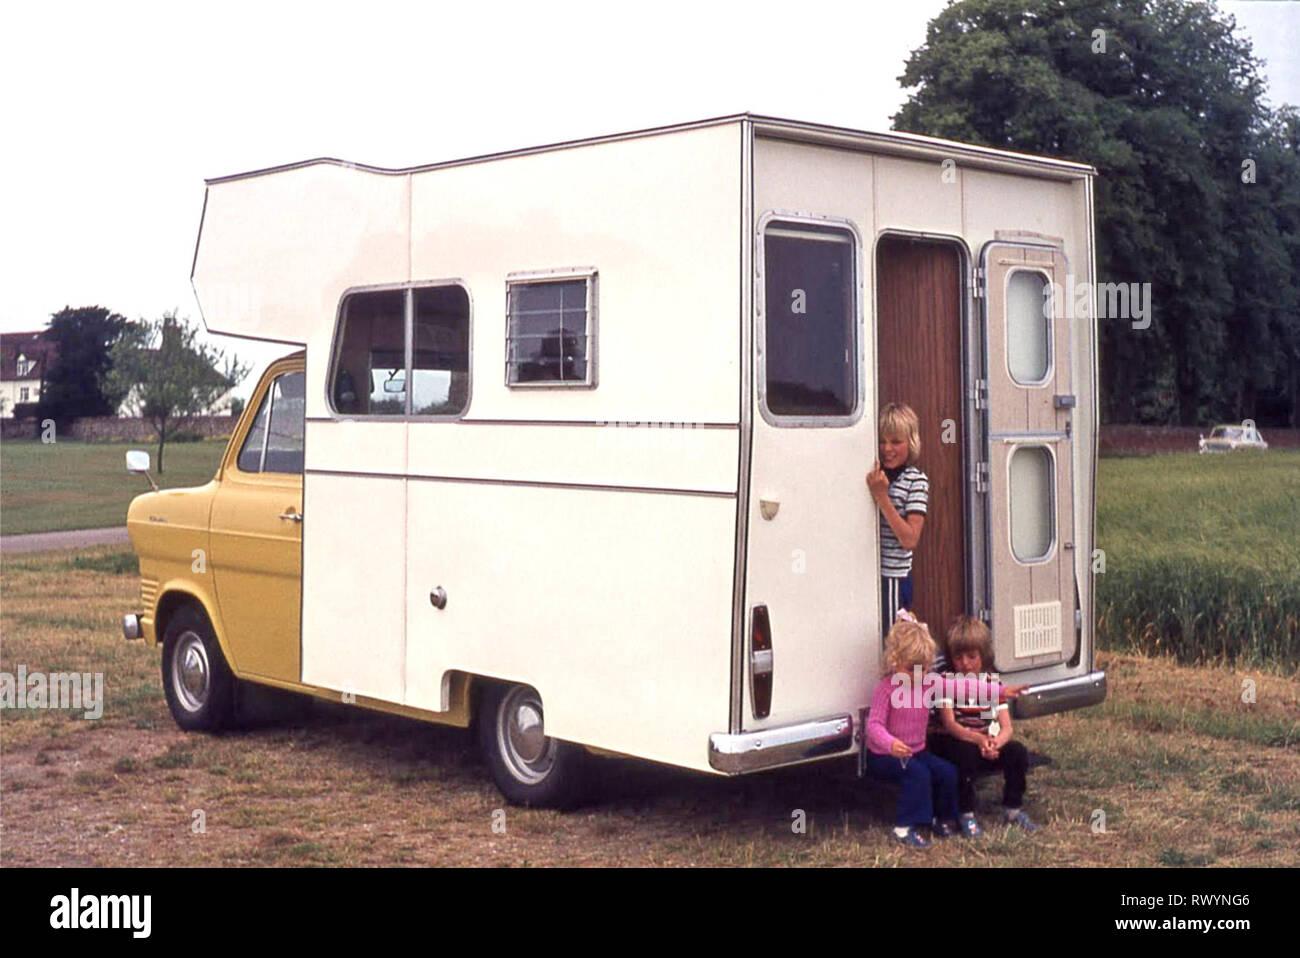 Scopo in RV camper motorhome costruito degli anni settanta su giallo Ford Transit chassis 3 giovani bambini 70s vacanza famiglia viaggio intorno alla East Anglia England Regno Unito Immagini Stock